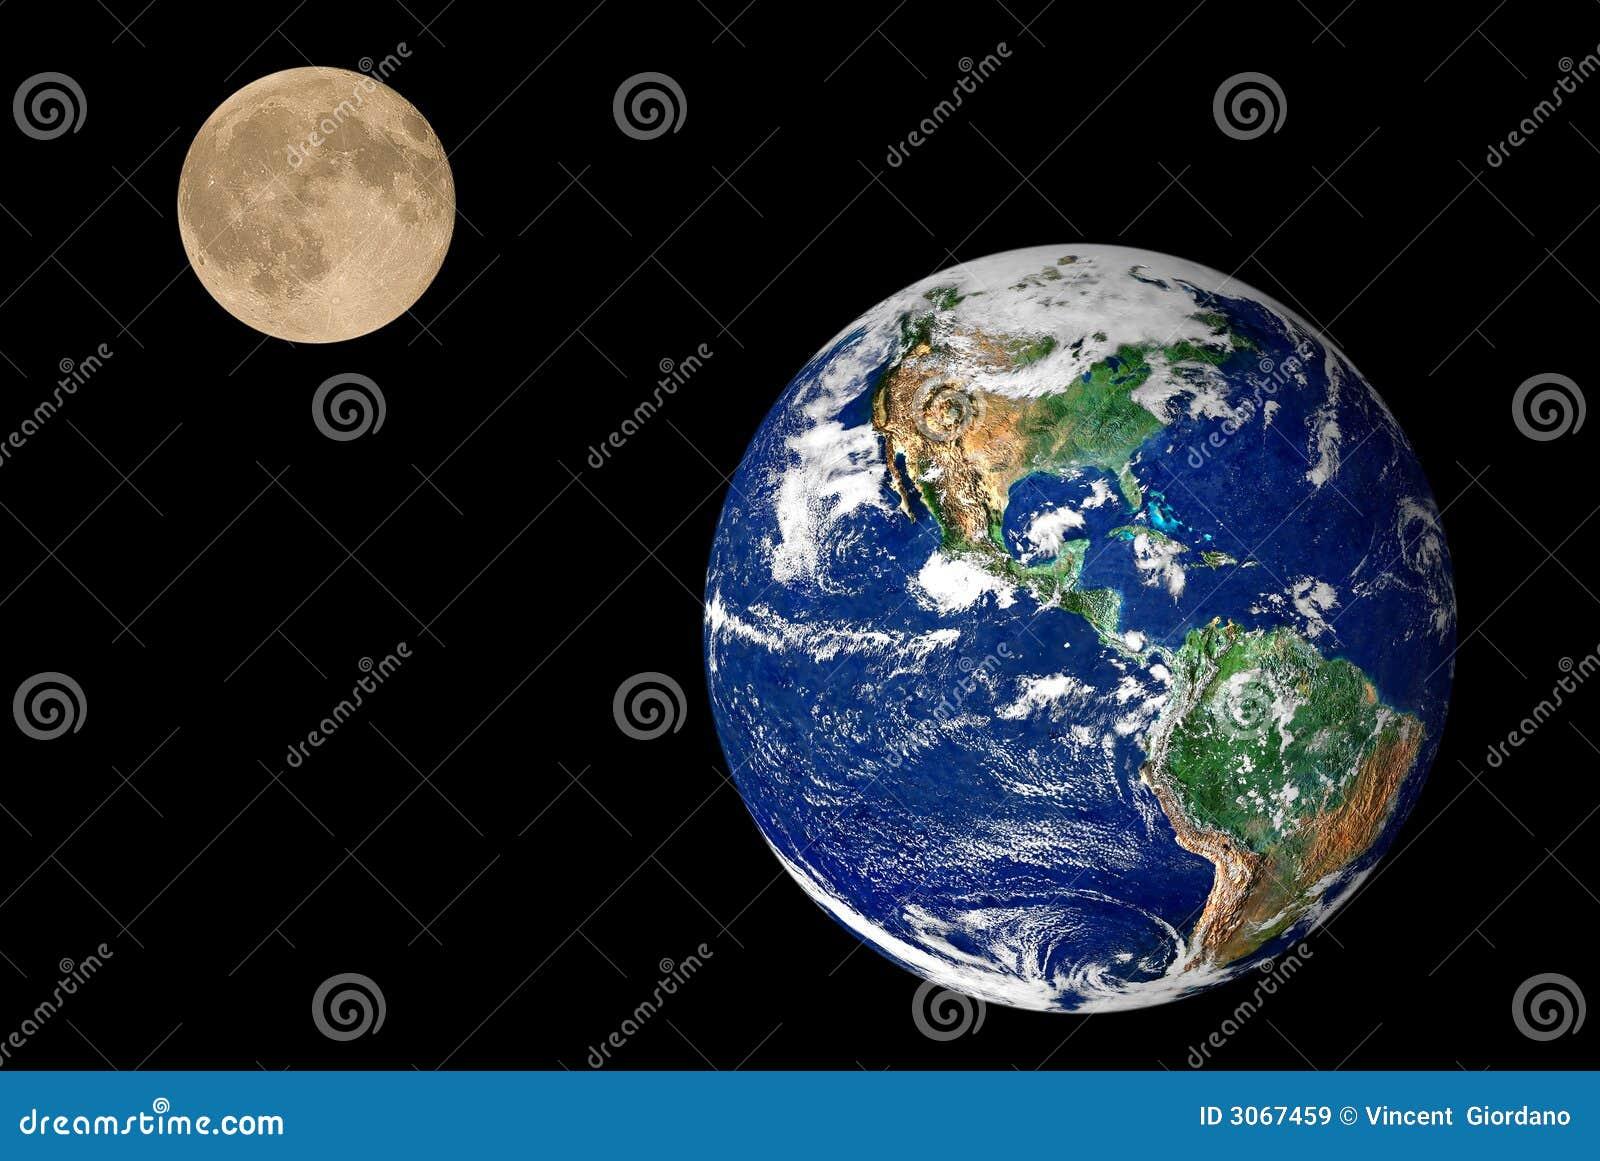 La terre et lune